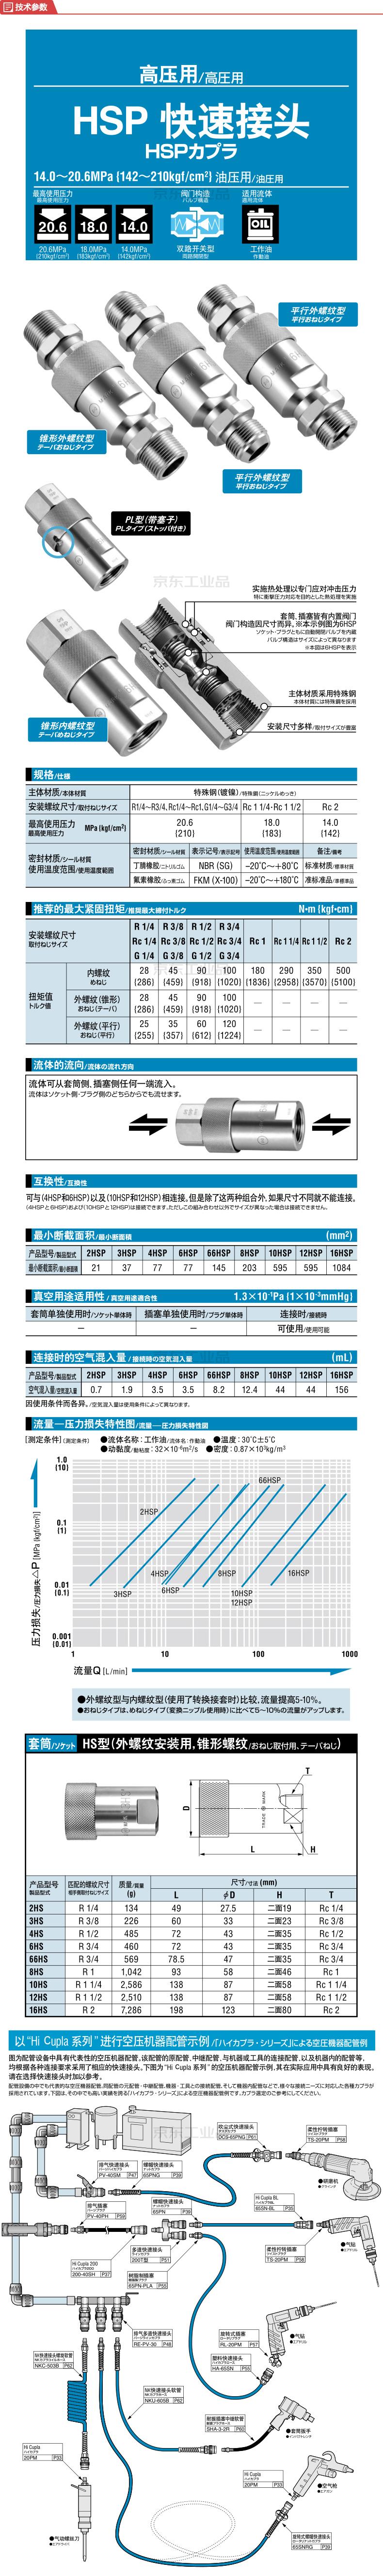 日东工器 HSP快速接头(插座/母端),钢铁;2HS-STL-FKM